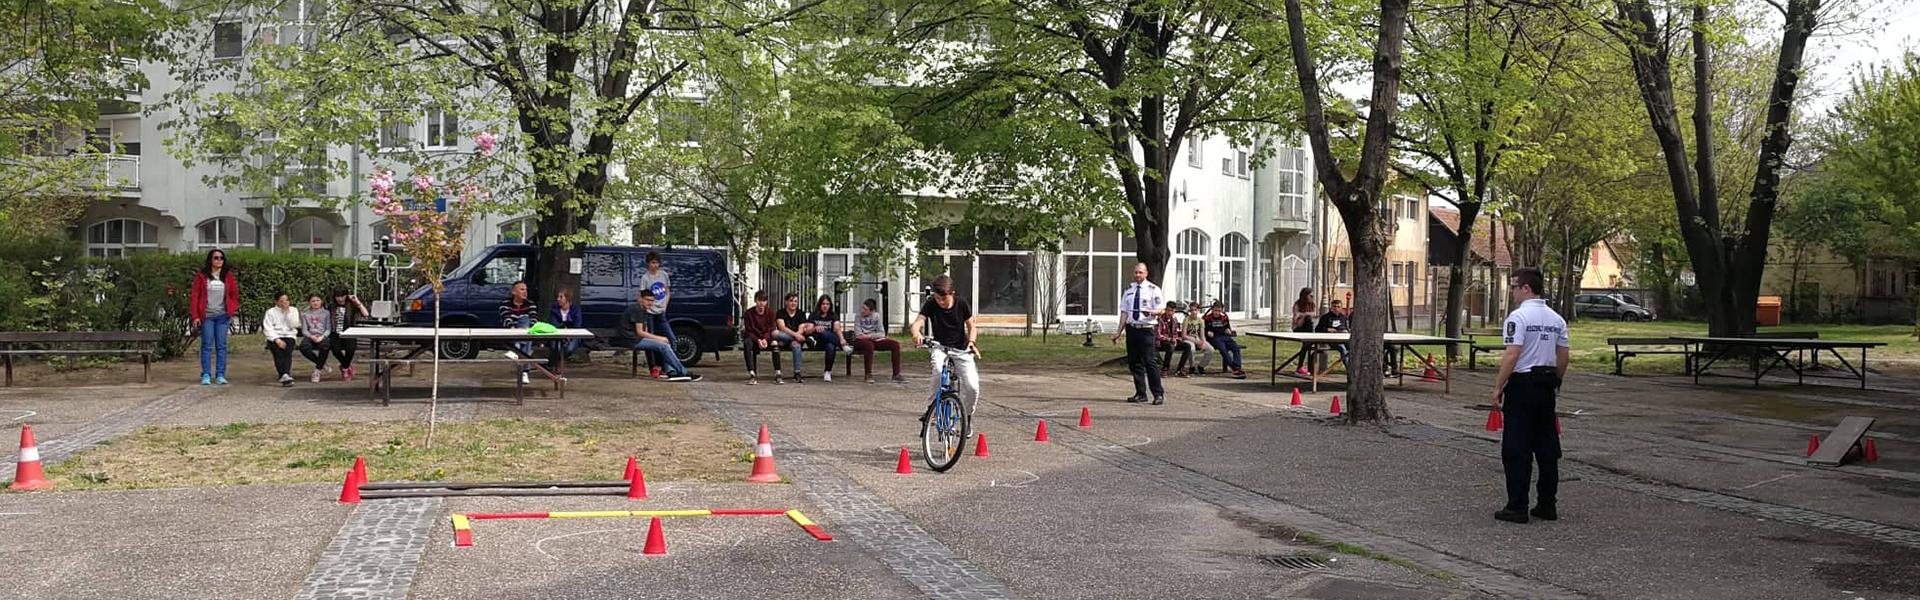 Kerékpáros ügyességi verseny